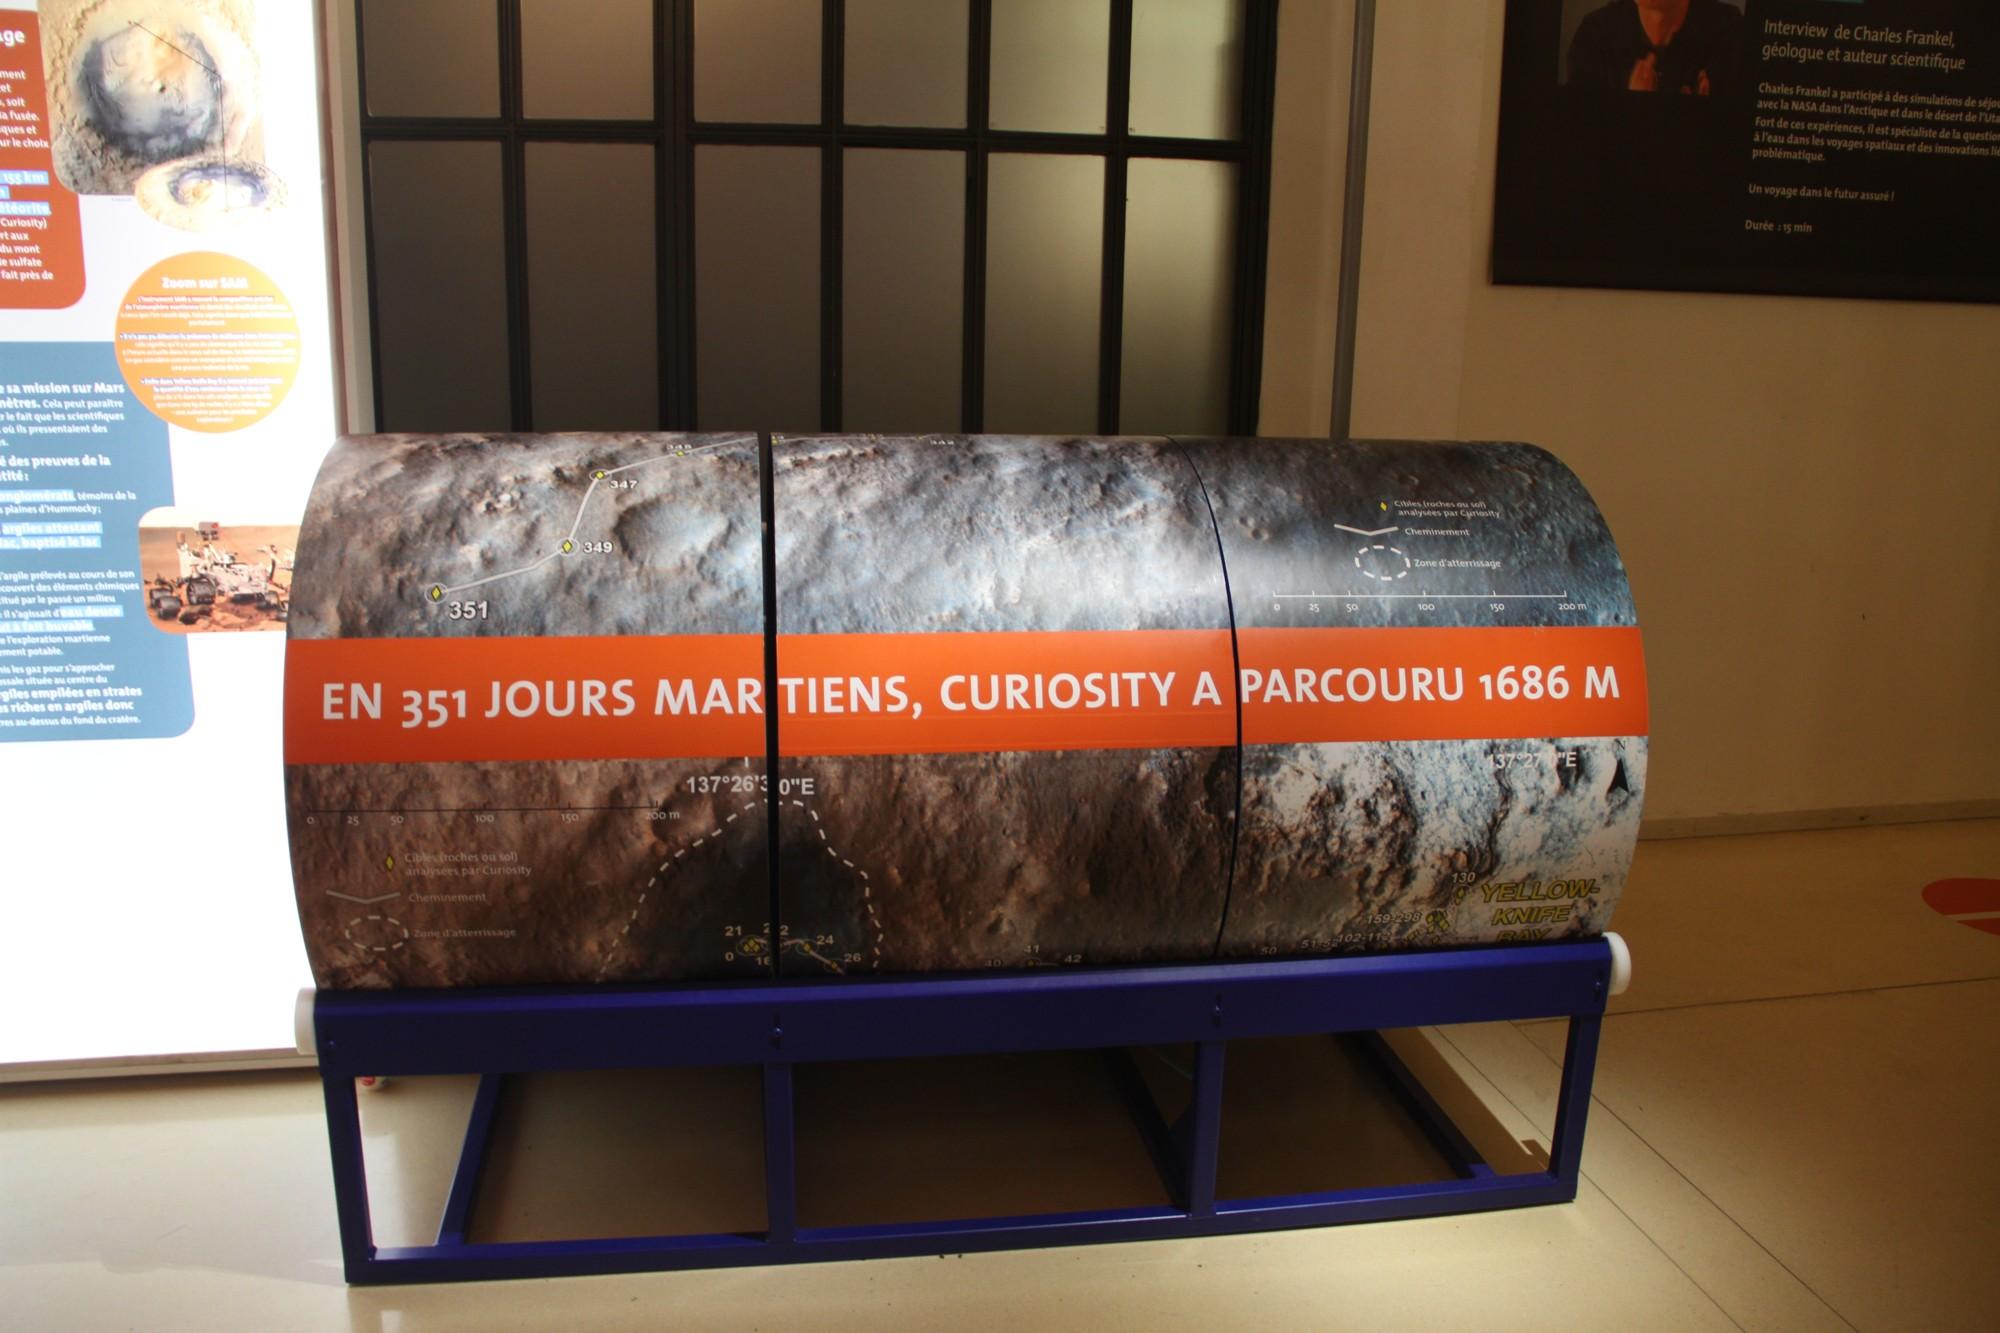 14 12 18 - 17h 37m 08s - expo l'eau sur mars pavillon de l'eau r